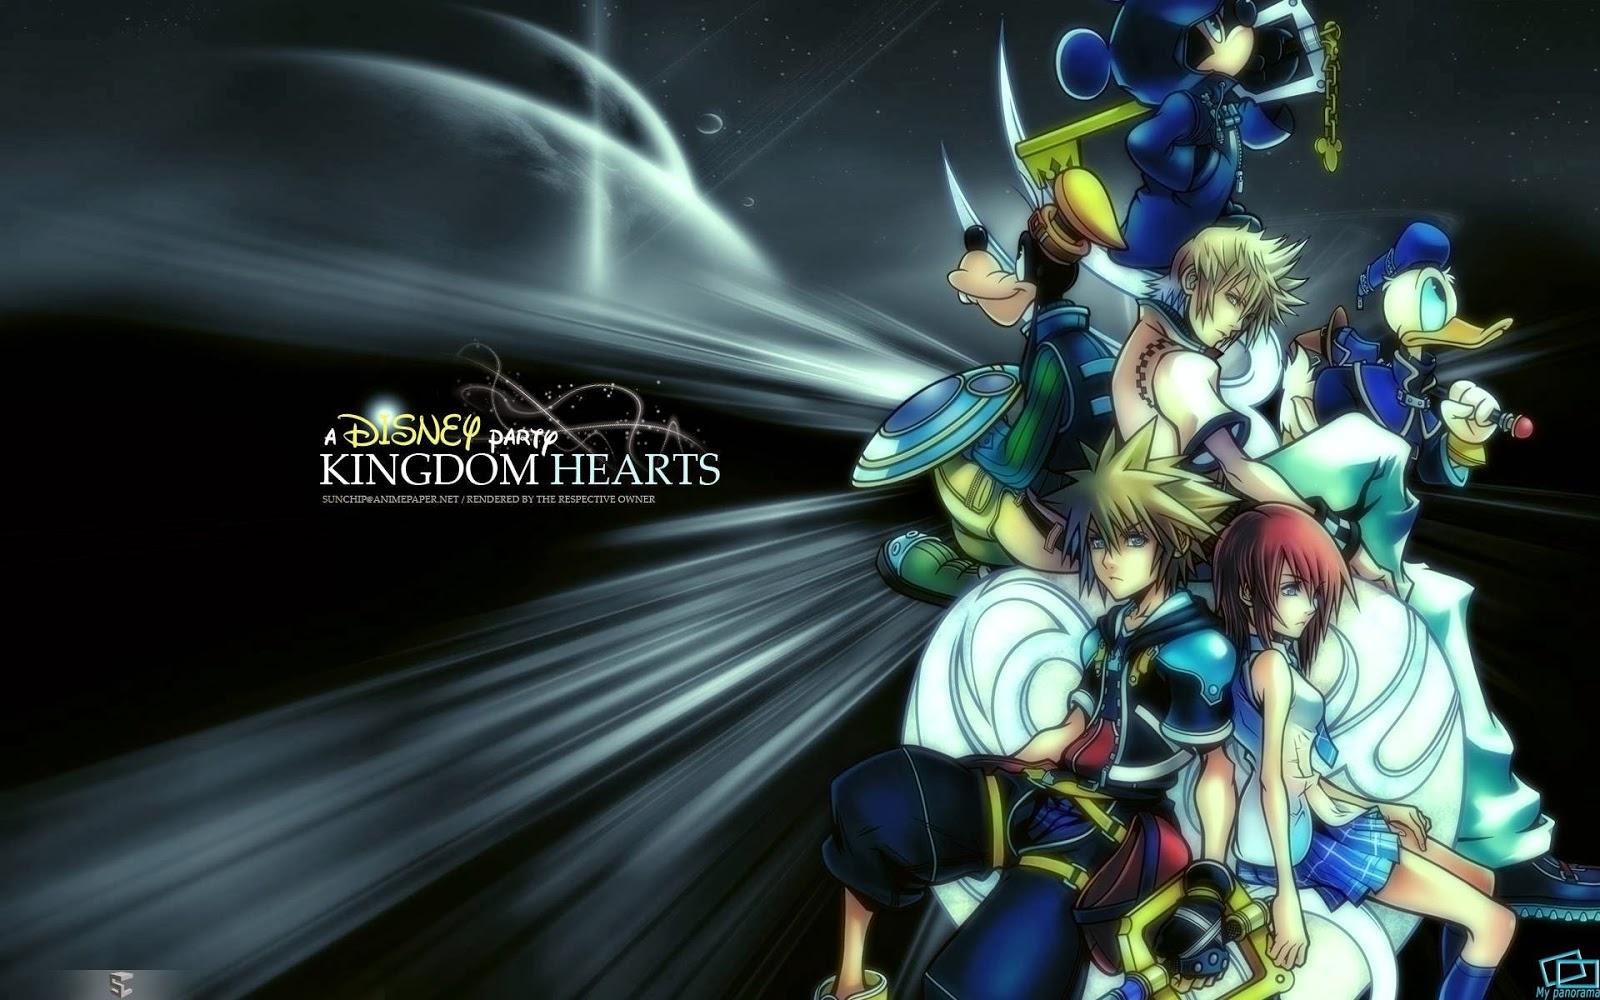 Kingdom Hearts 25 Wallpaper De kingdom hearts hd 25 1600x1000